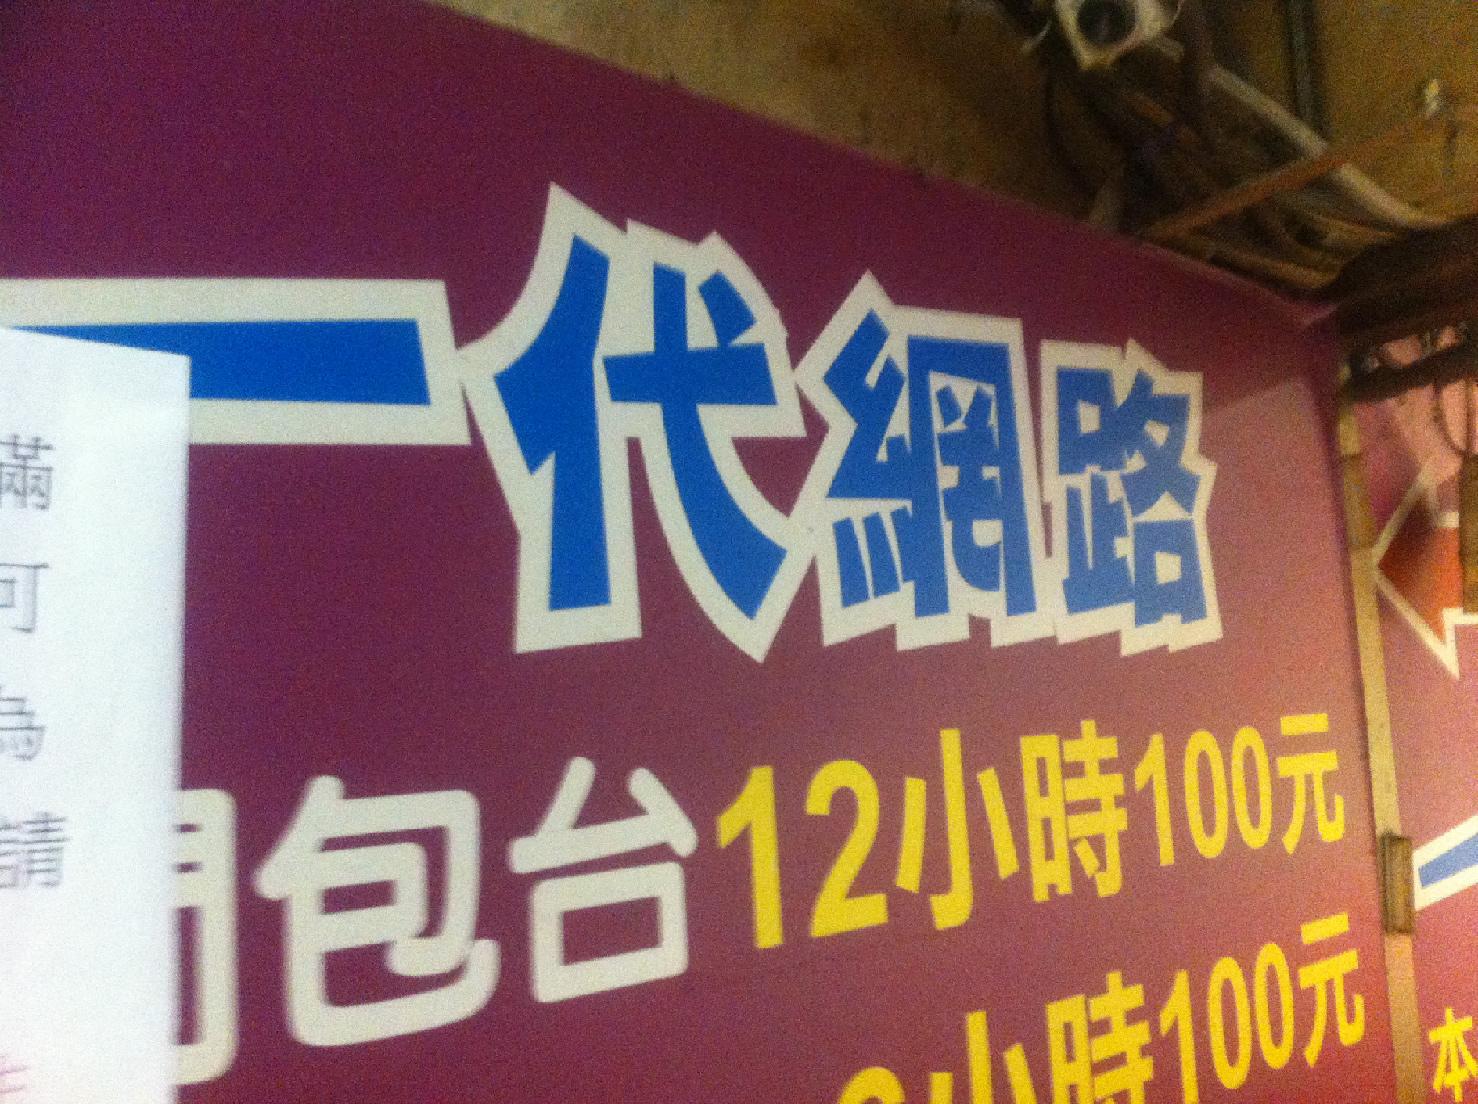 【遊ぶ】夜間12時間100元の激安ネットカフェ